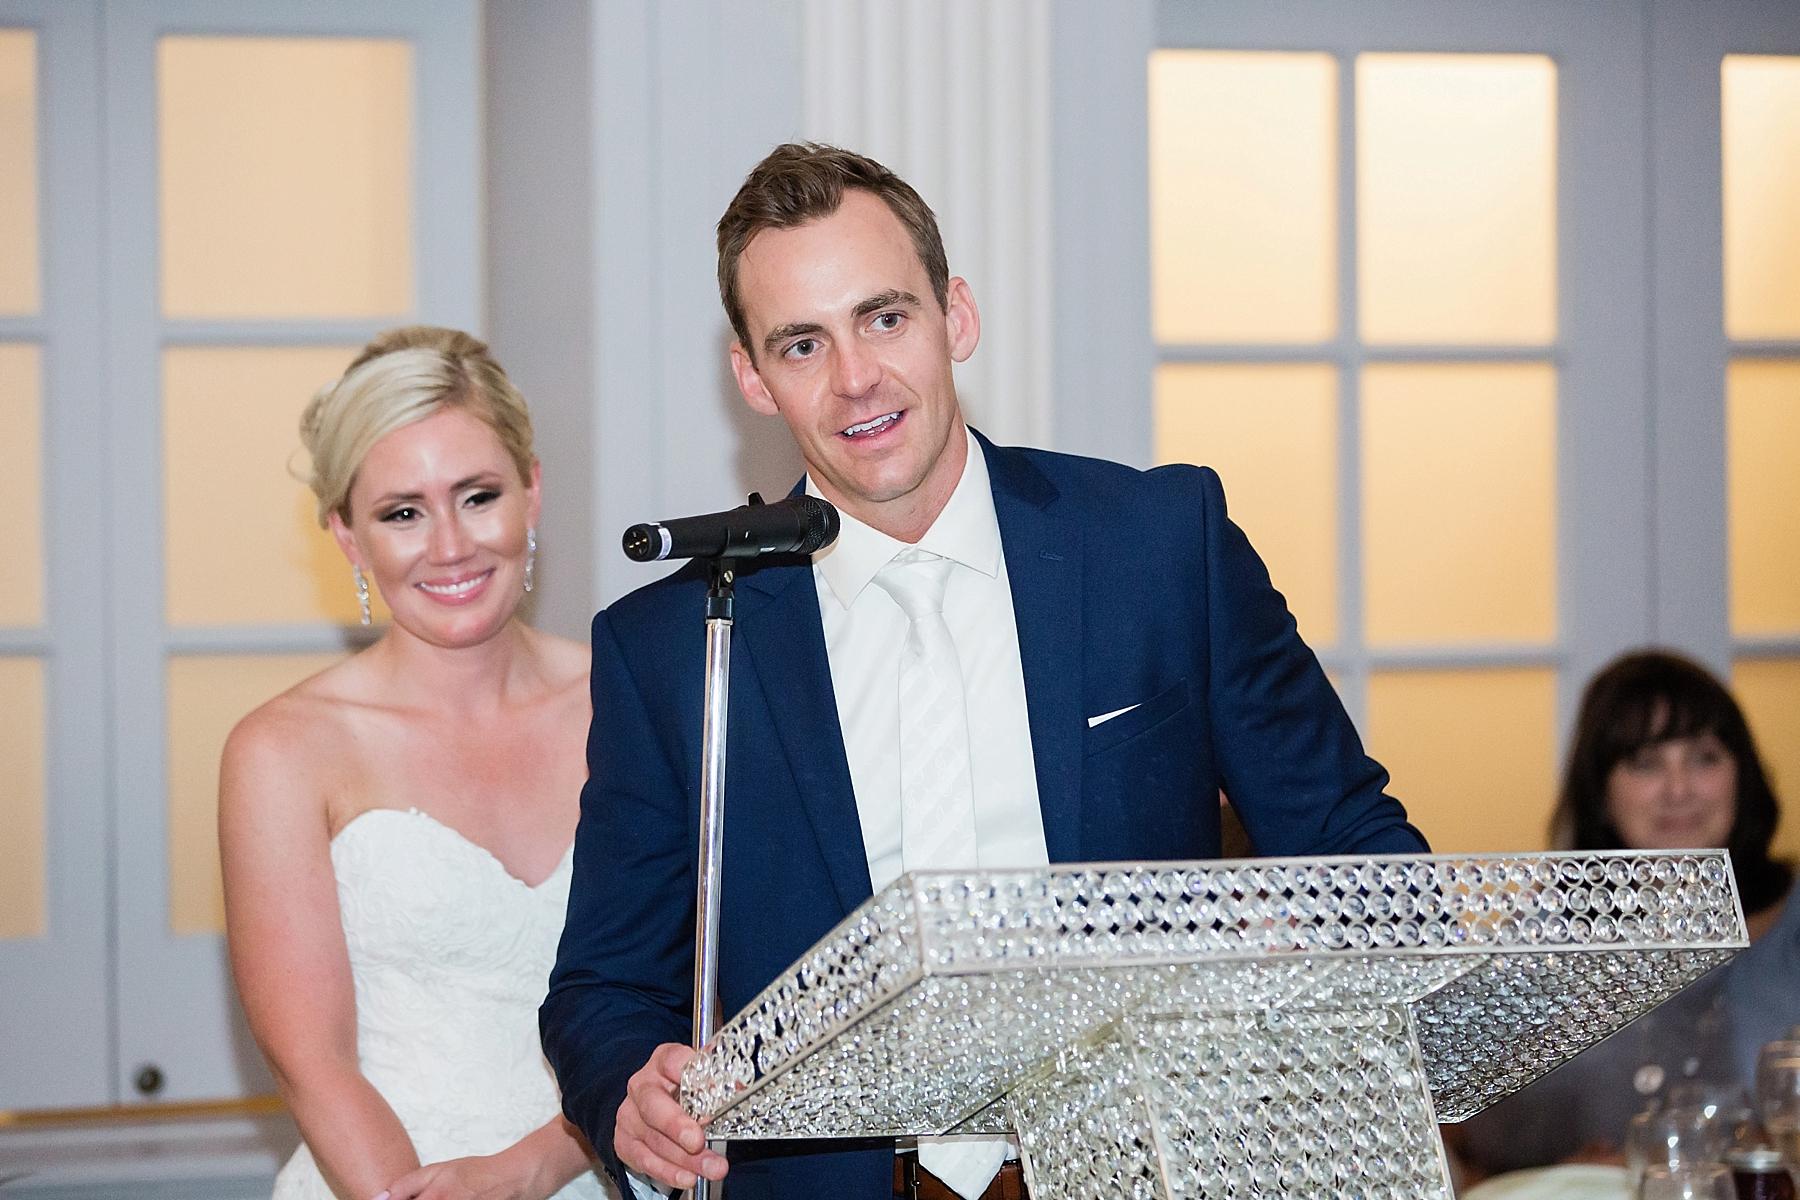 windsor-wedding-photographer-essex-golf-country-club-wedding-eryn-shea-photography_0087.jpg